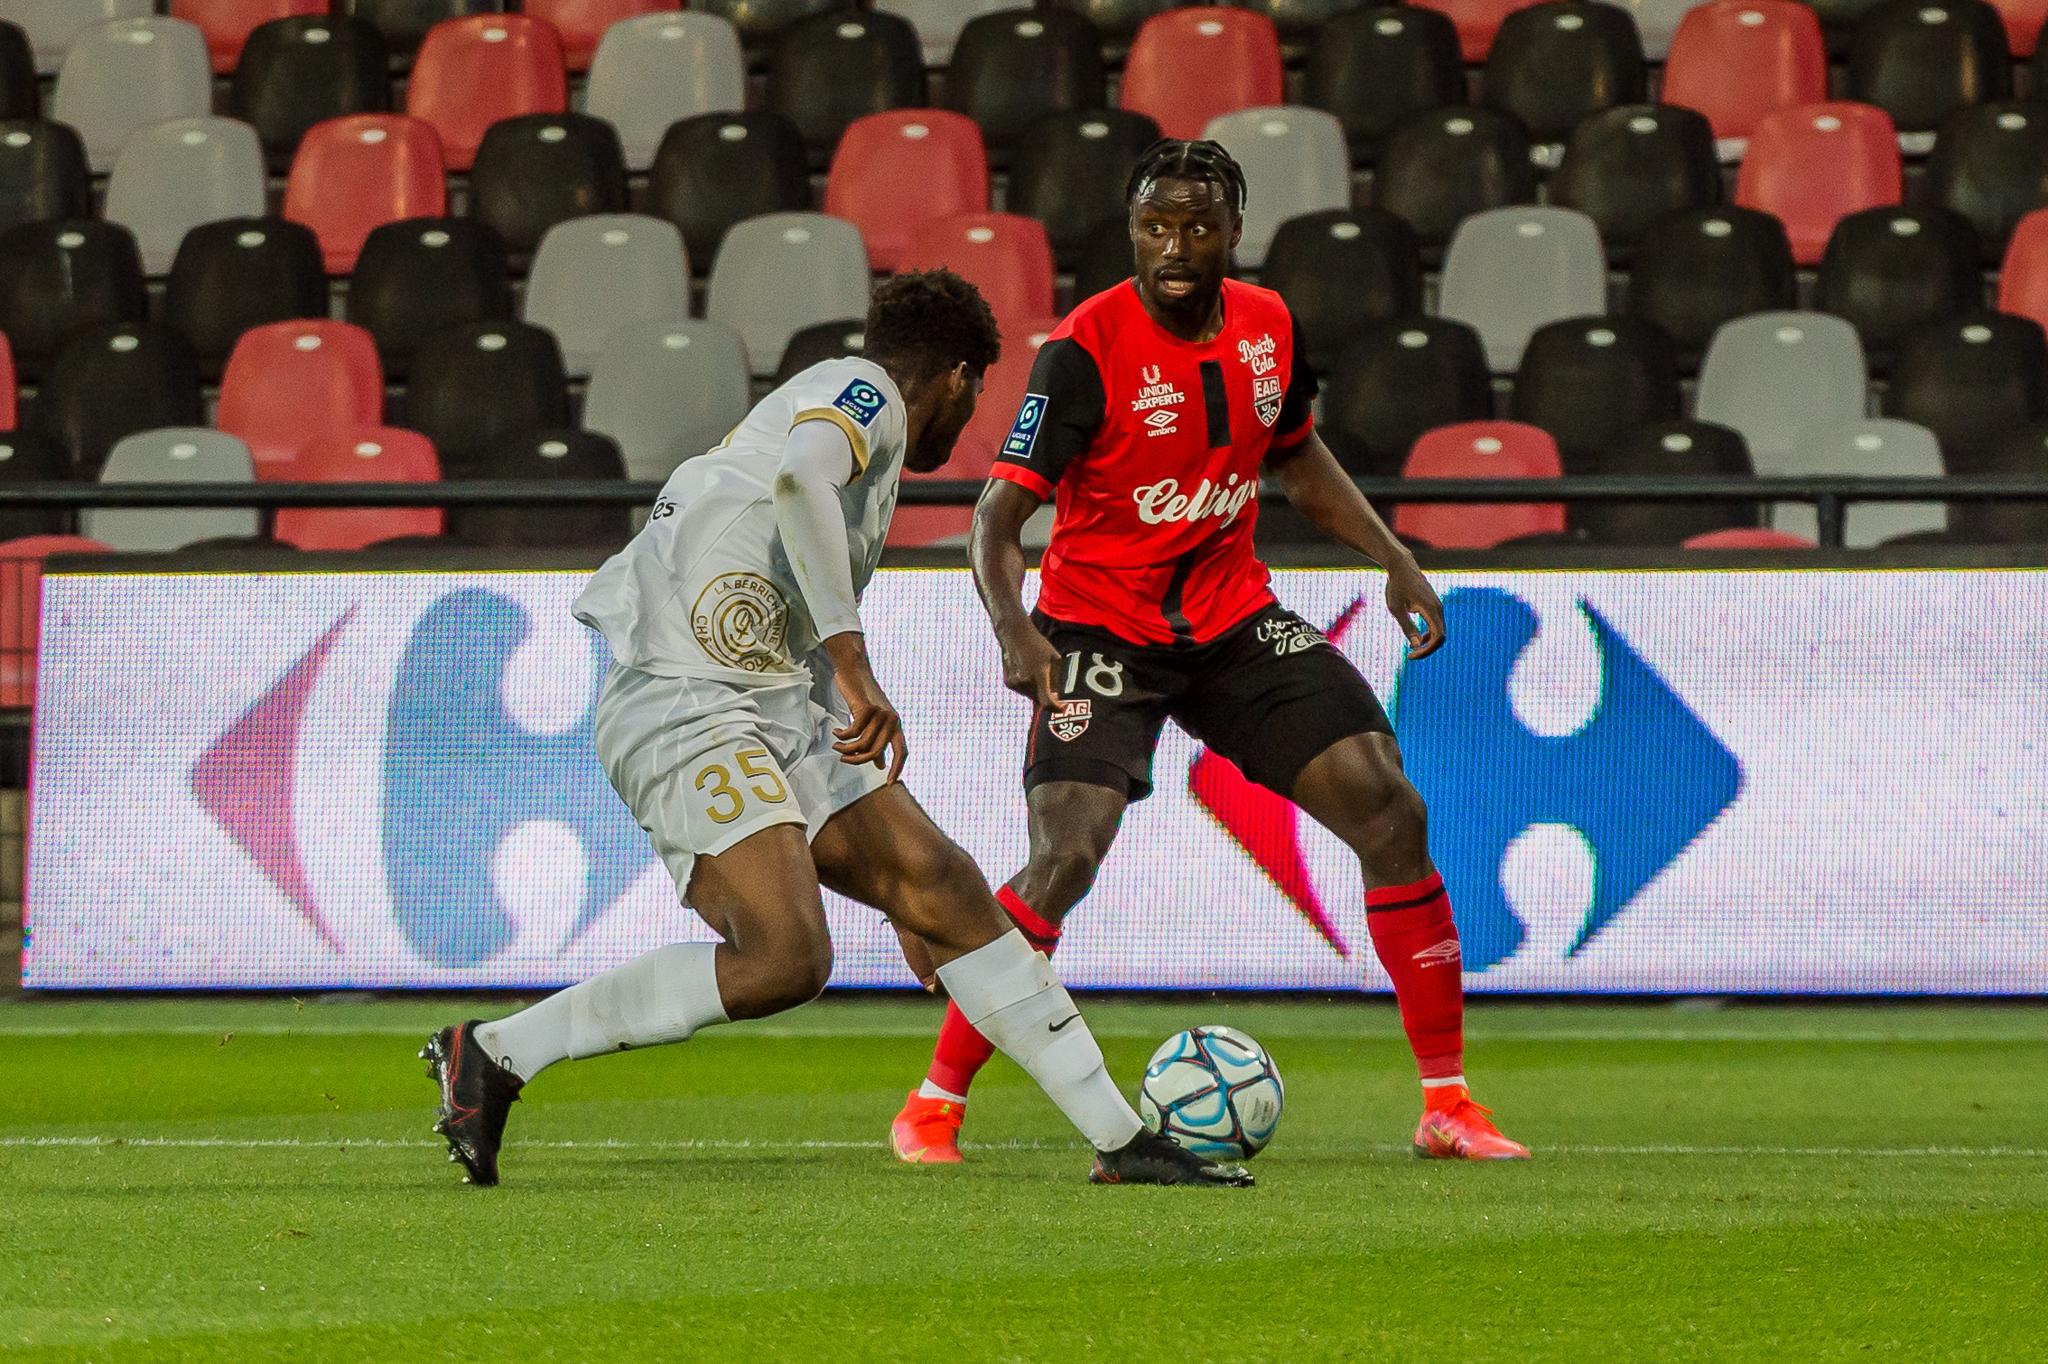 EA Guingamp La Berrichonne Châteauroux J37 Ligue 2 BKT EAGLBC 2-0 Stade de Roudourou FRA_5853